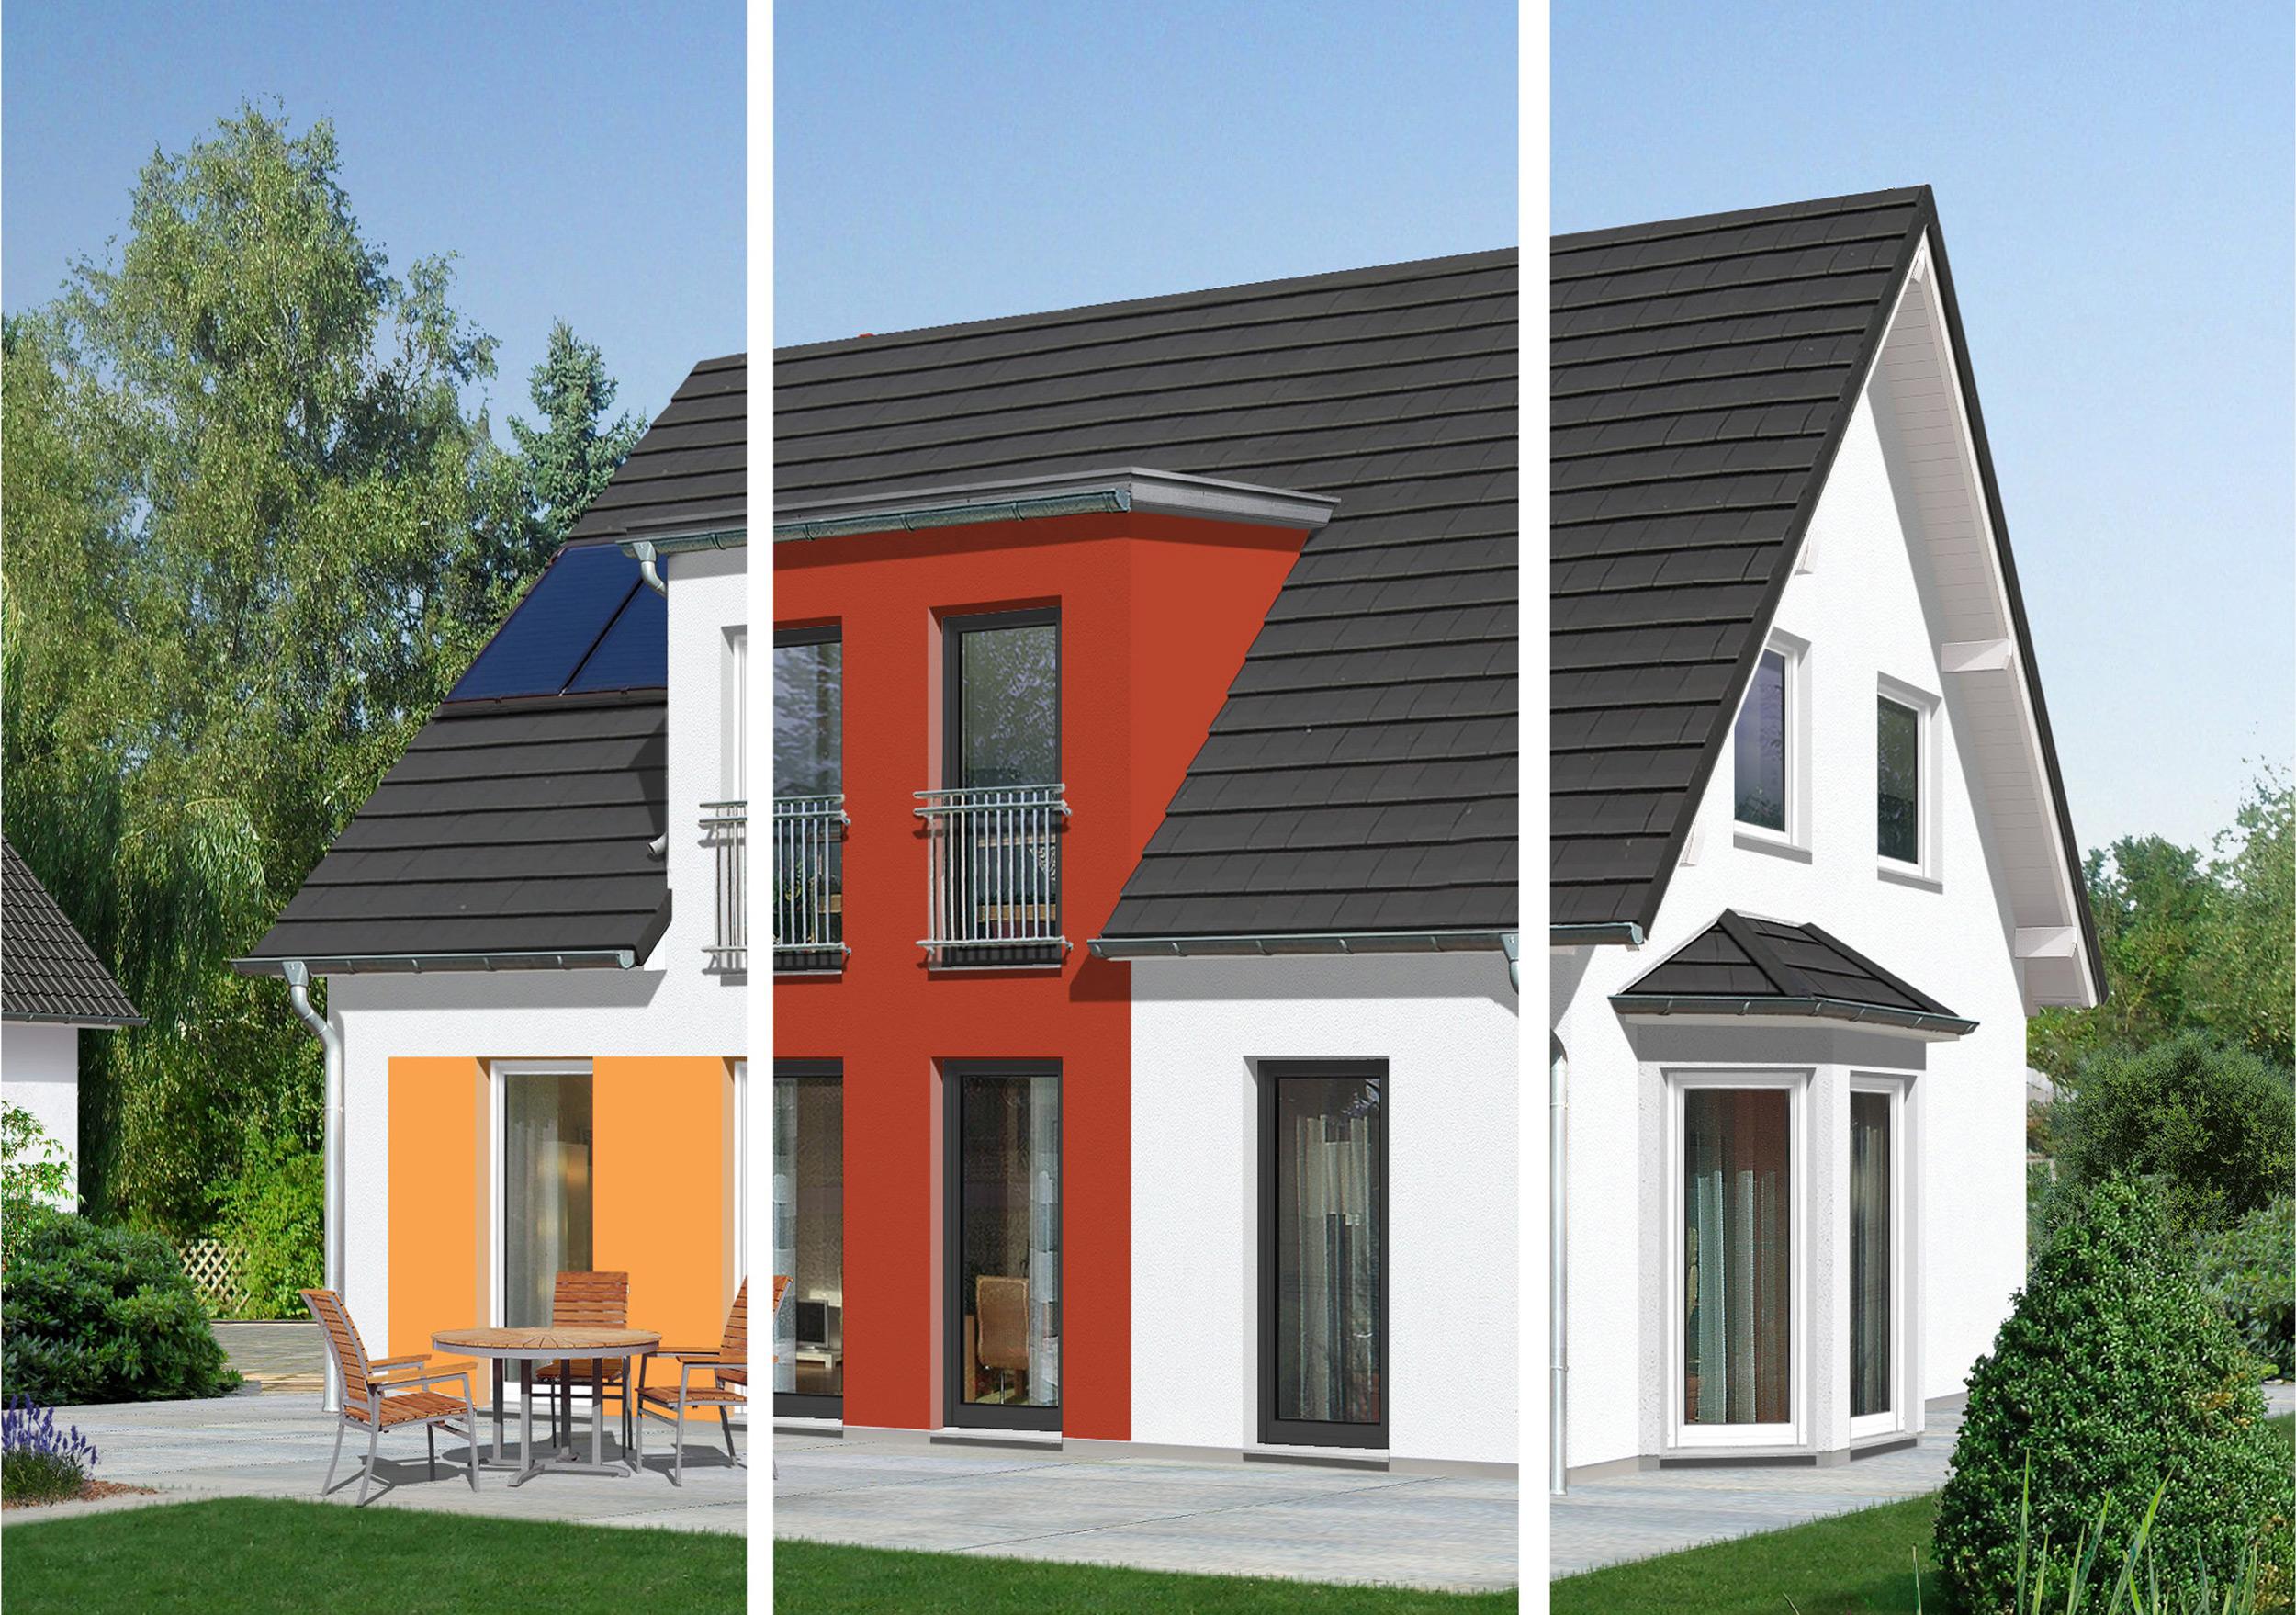 neu bei town country haus schlankes doppelhaus f r kleine grundst cke blog von town und. Black Bedroom Furniture Sets. Home Design Ideas